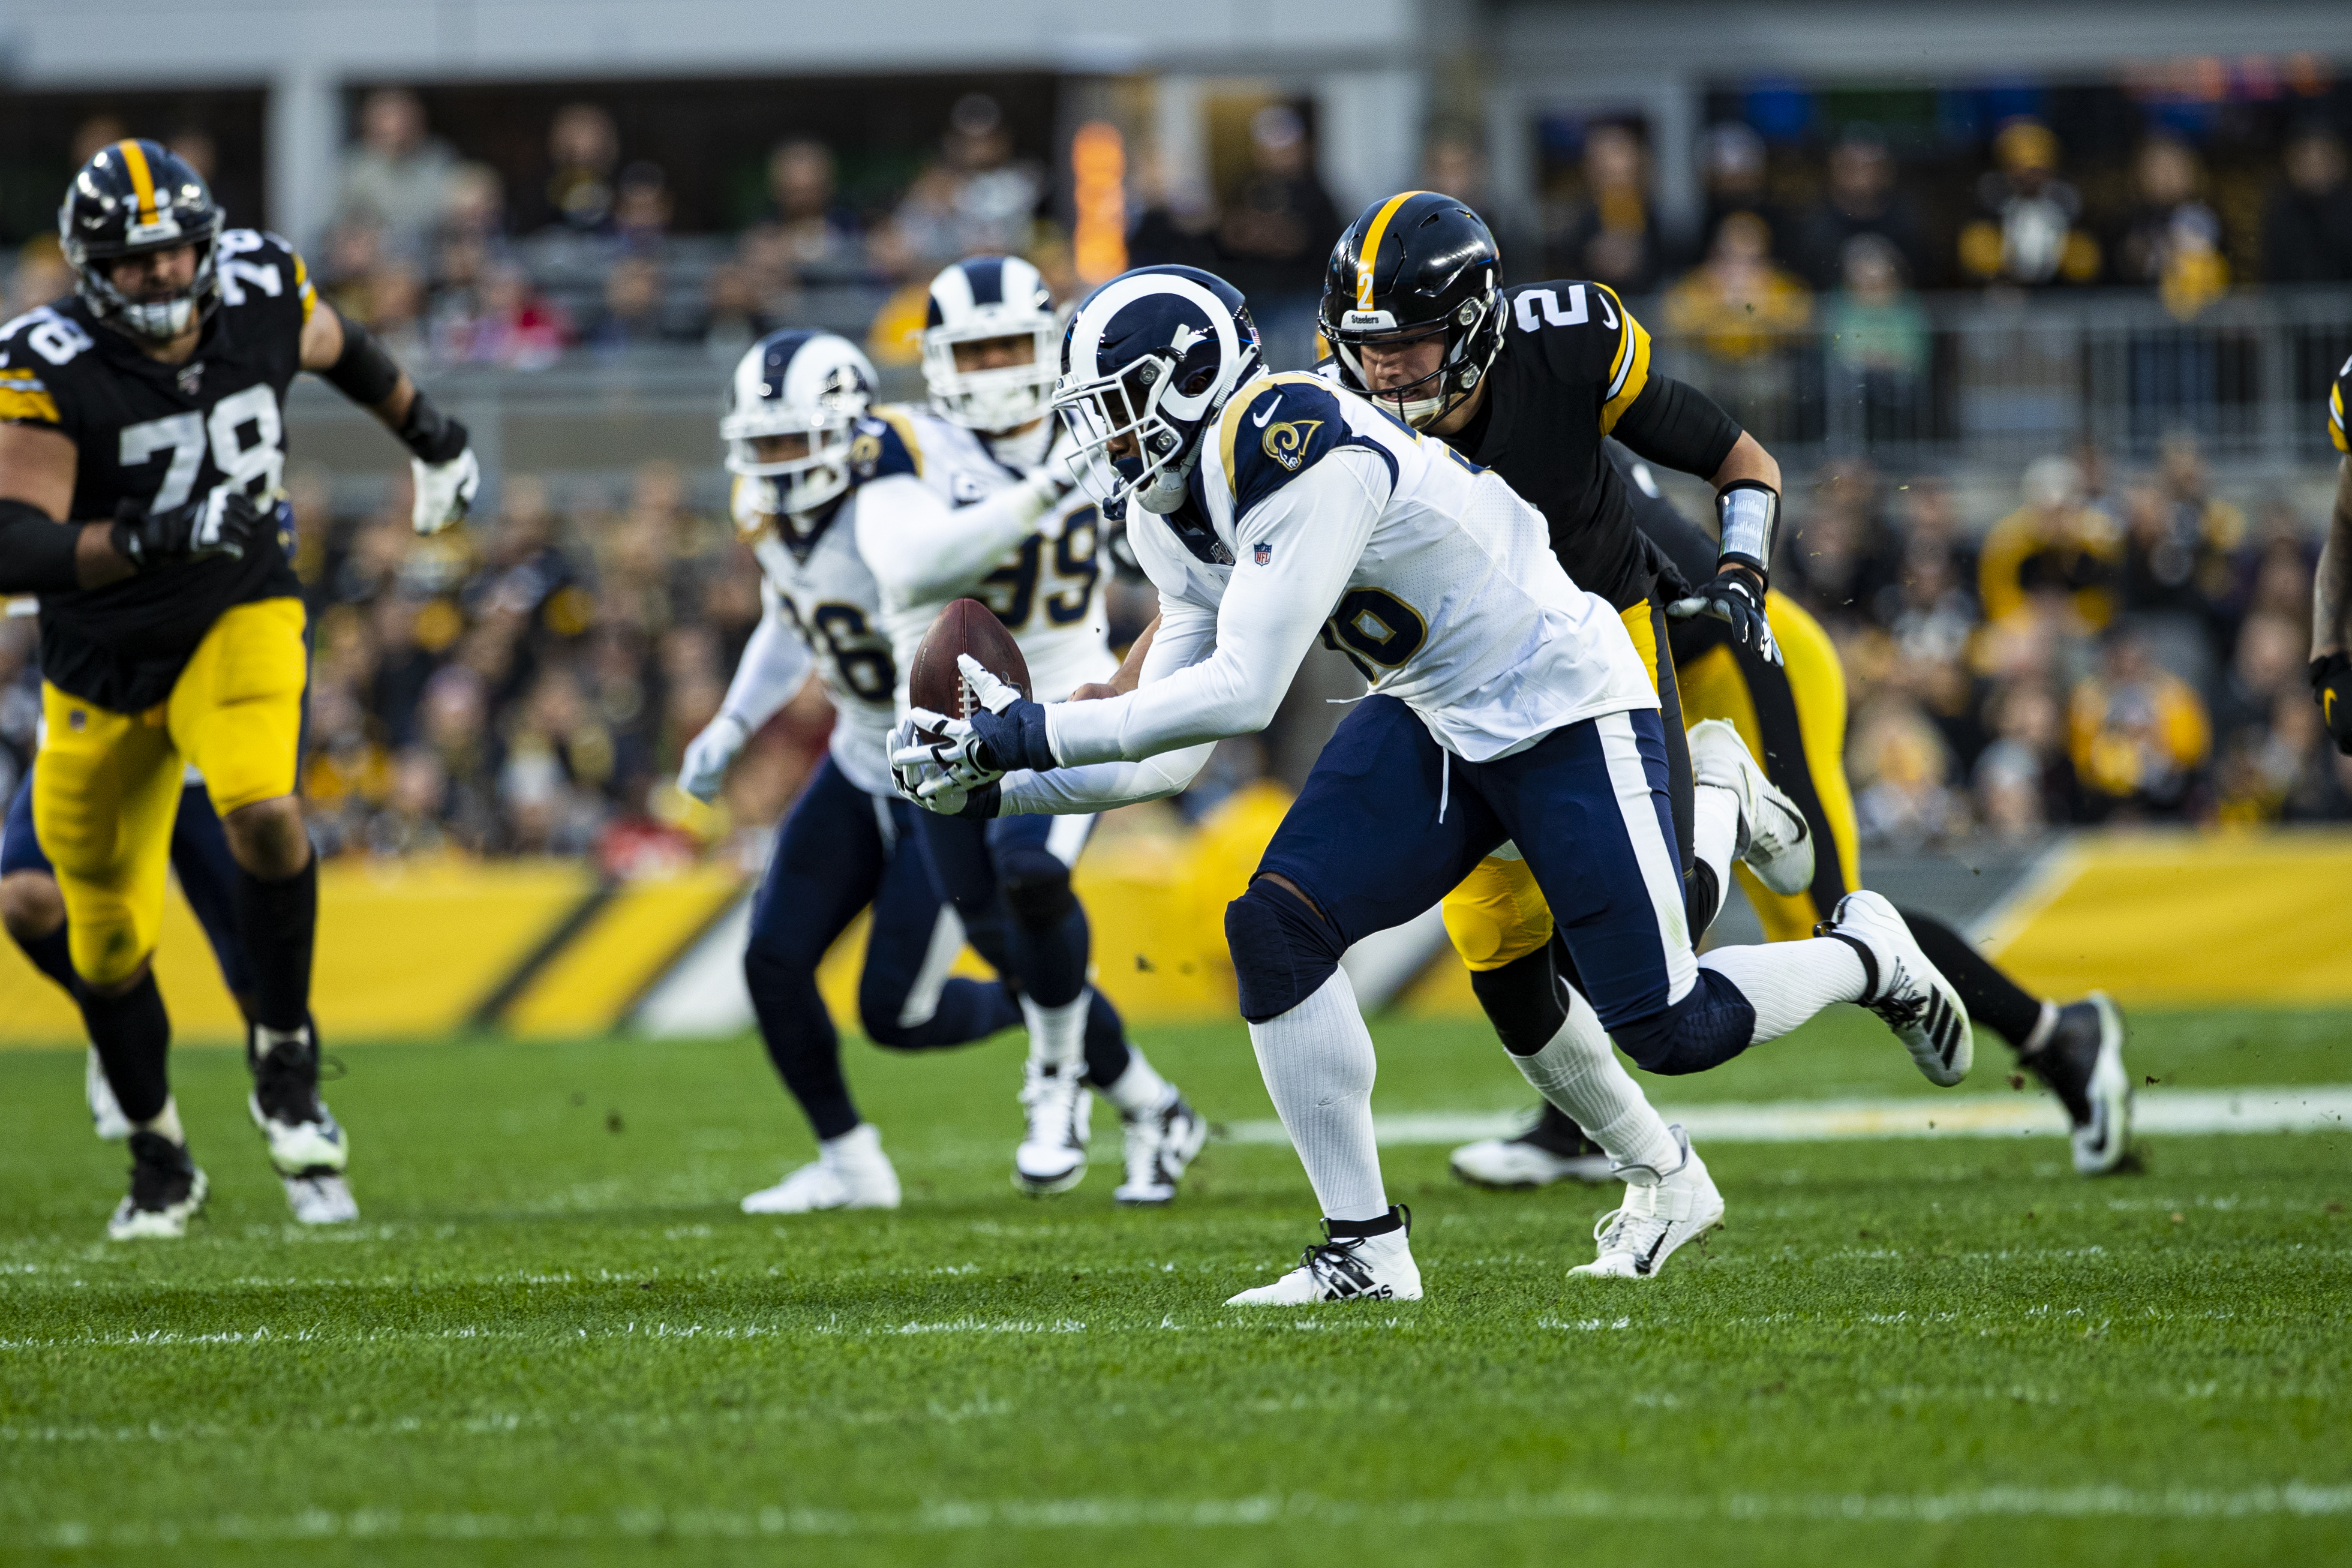 NFL: NOV 10 Rams at Steelers